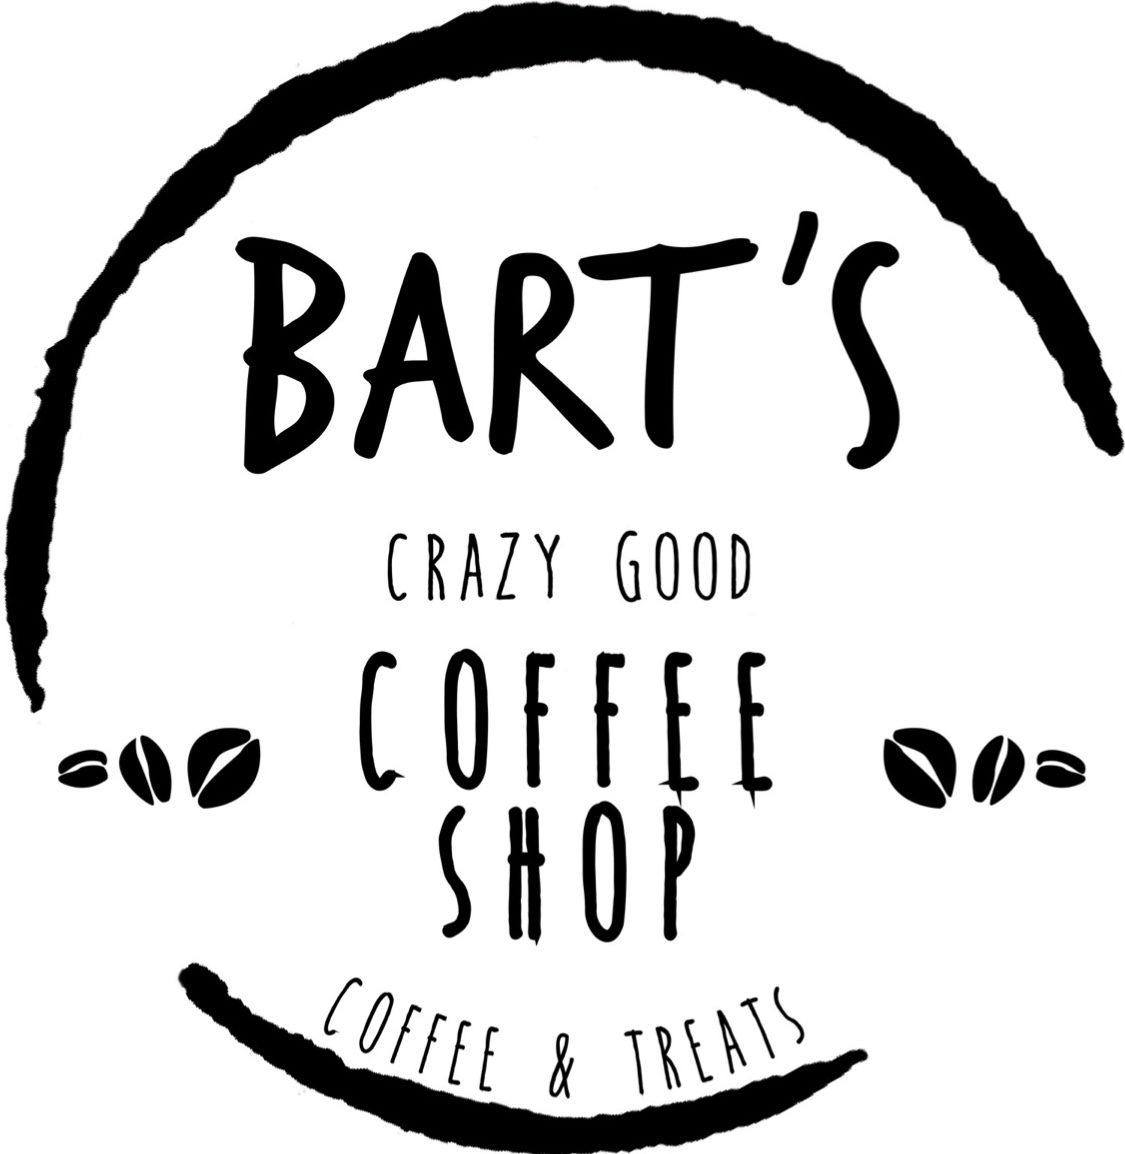 Bart's Coffee